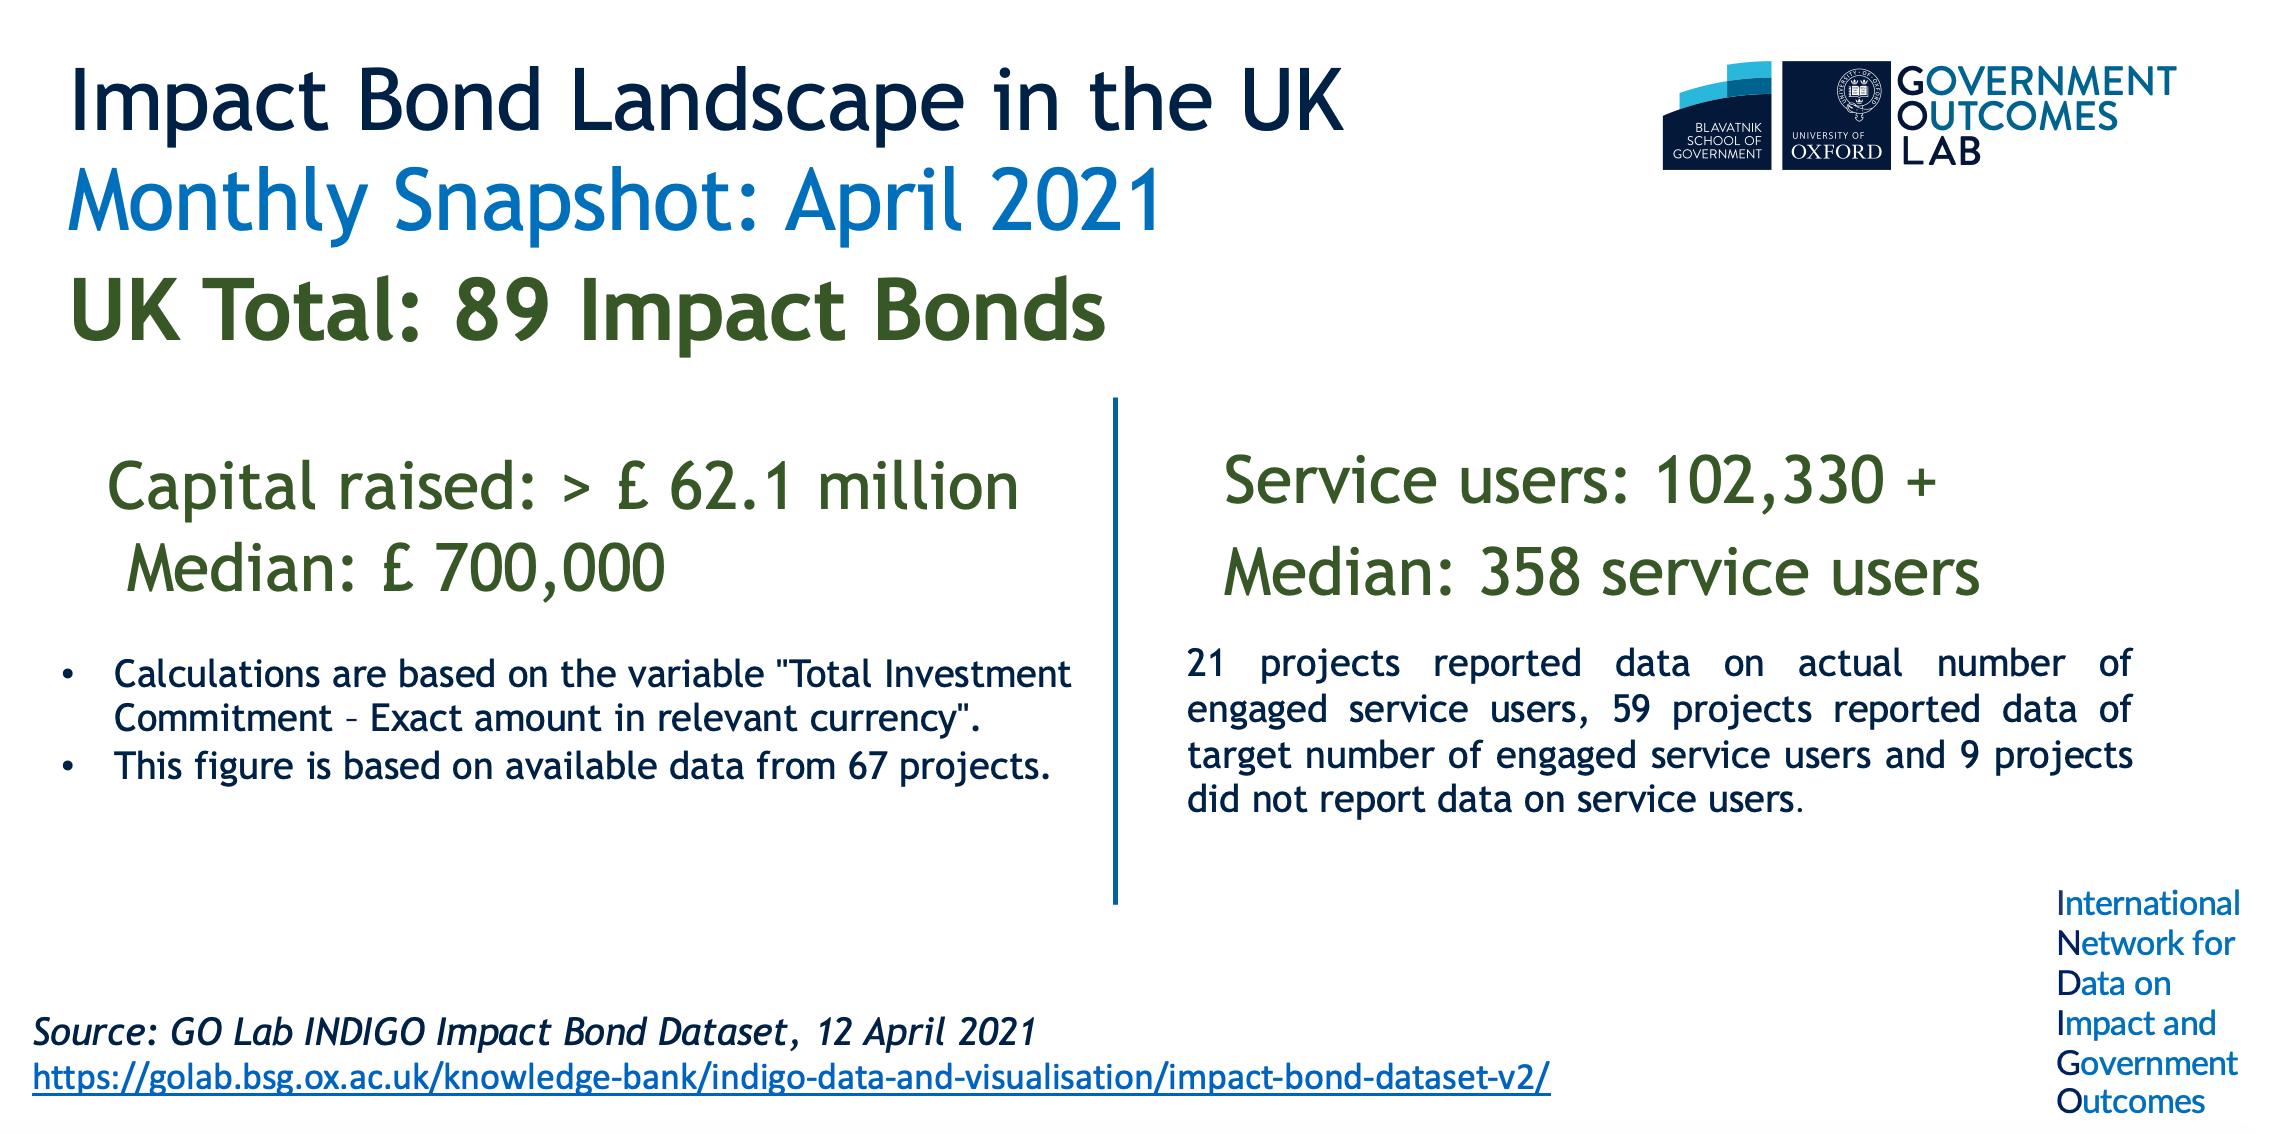 April 2021 IB landscape page 5